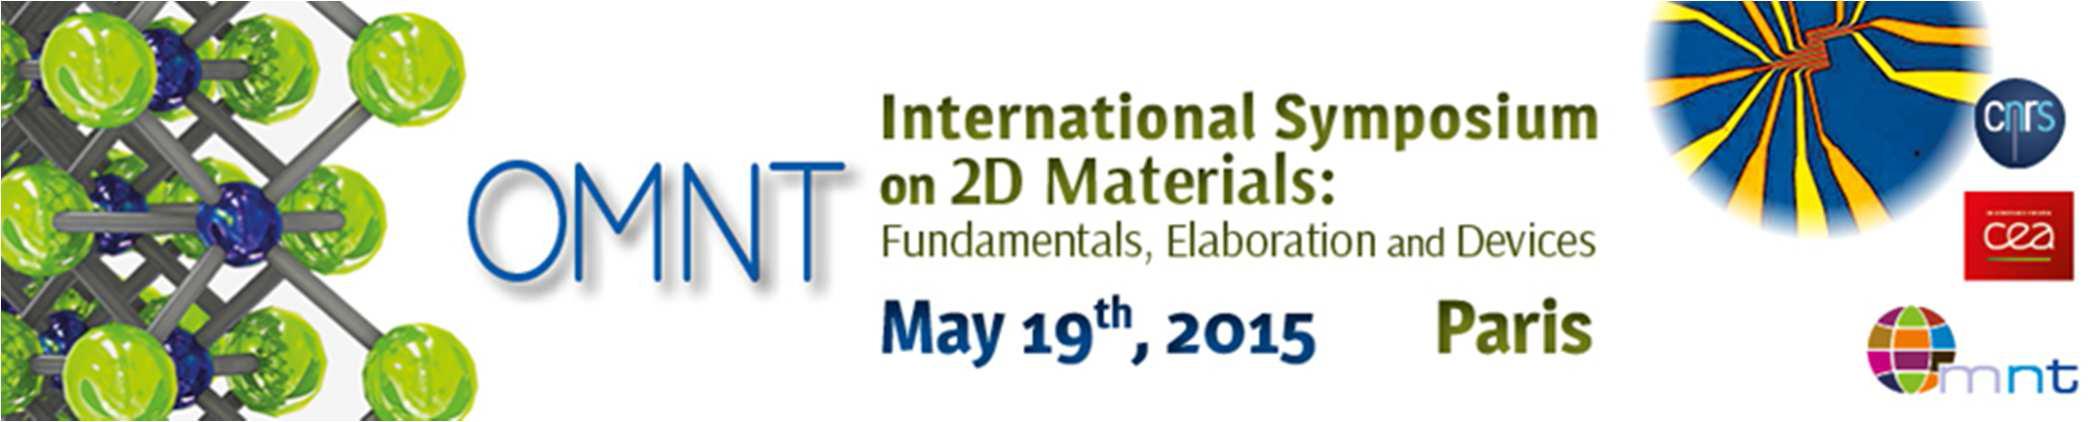 Symposium sur les matériaux 2D, 19 mai 2015, Paris